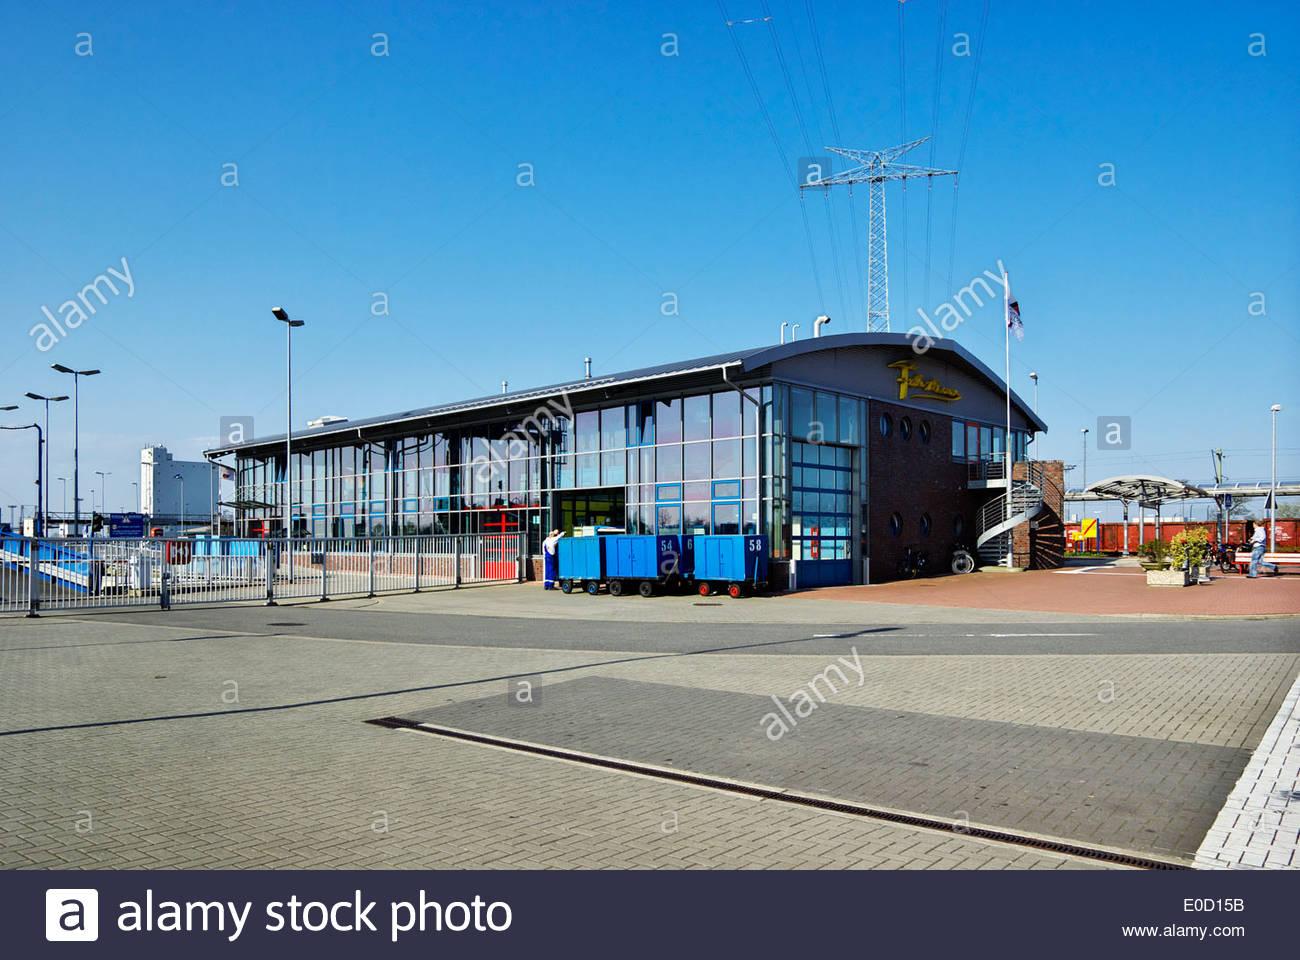 Das Fährhaus Restaurant am Hafen in Emden ist bequem, Fähren zur Insel Borkum und öffentlichen Nahverkehr Stockbild